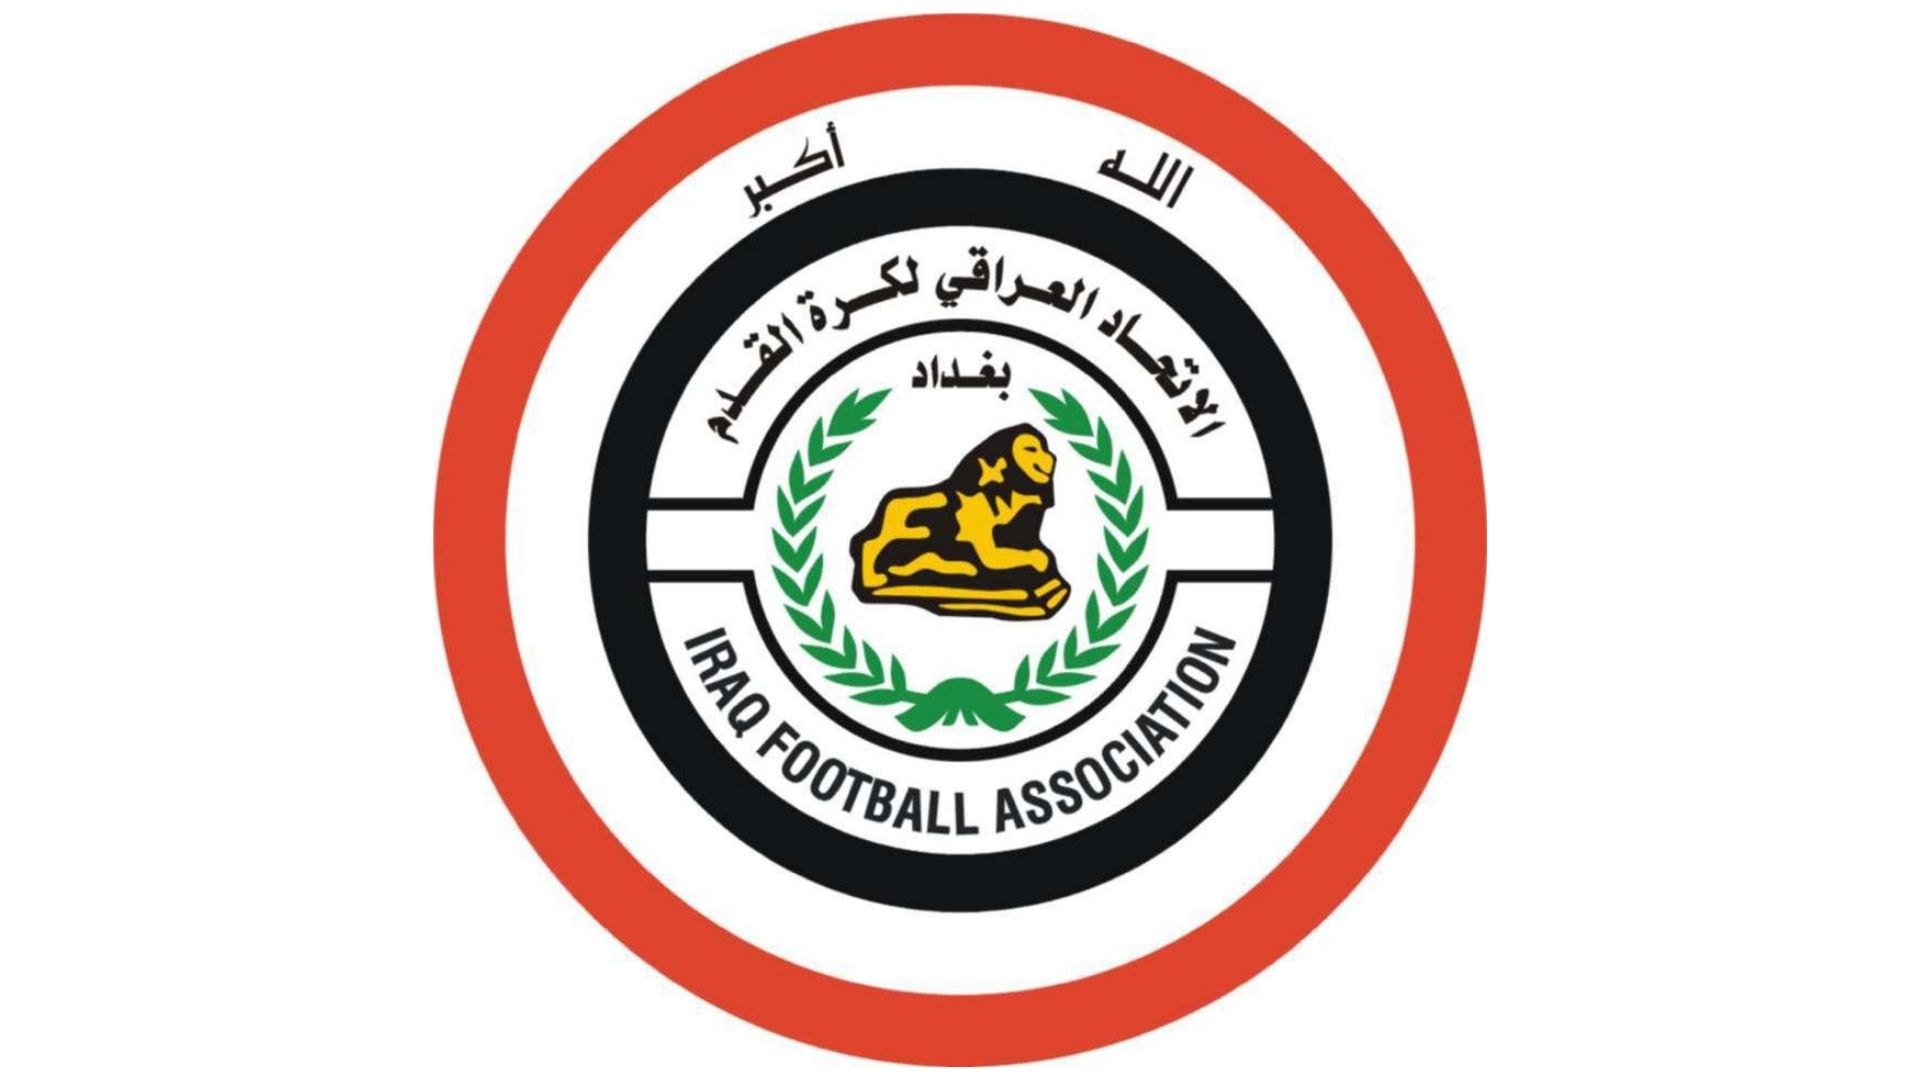 العراق والإمارات يوقعان اتفاقية تعاون كروية